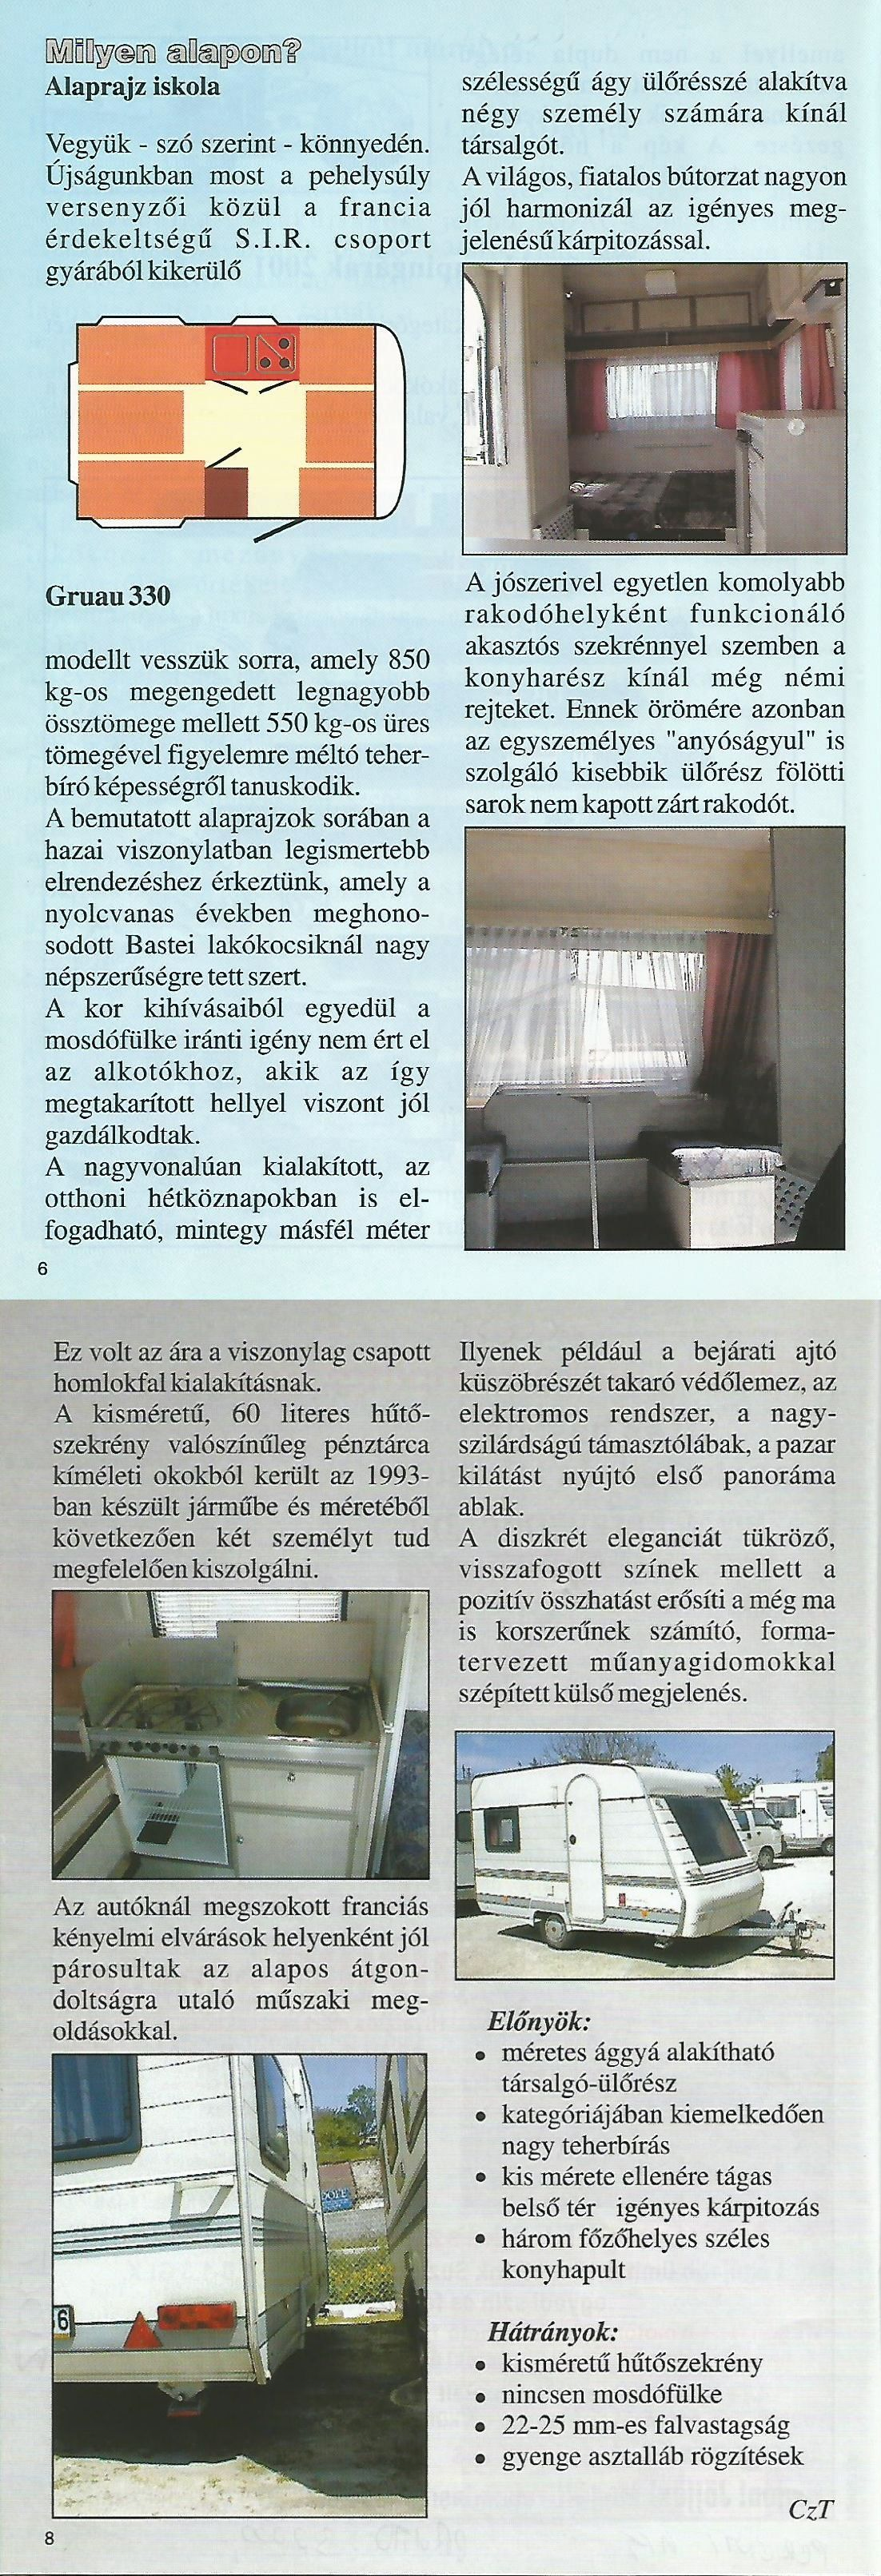 Karavándor magazin 2001. Nyár, Alaprajz iskola - Gruau 330